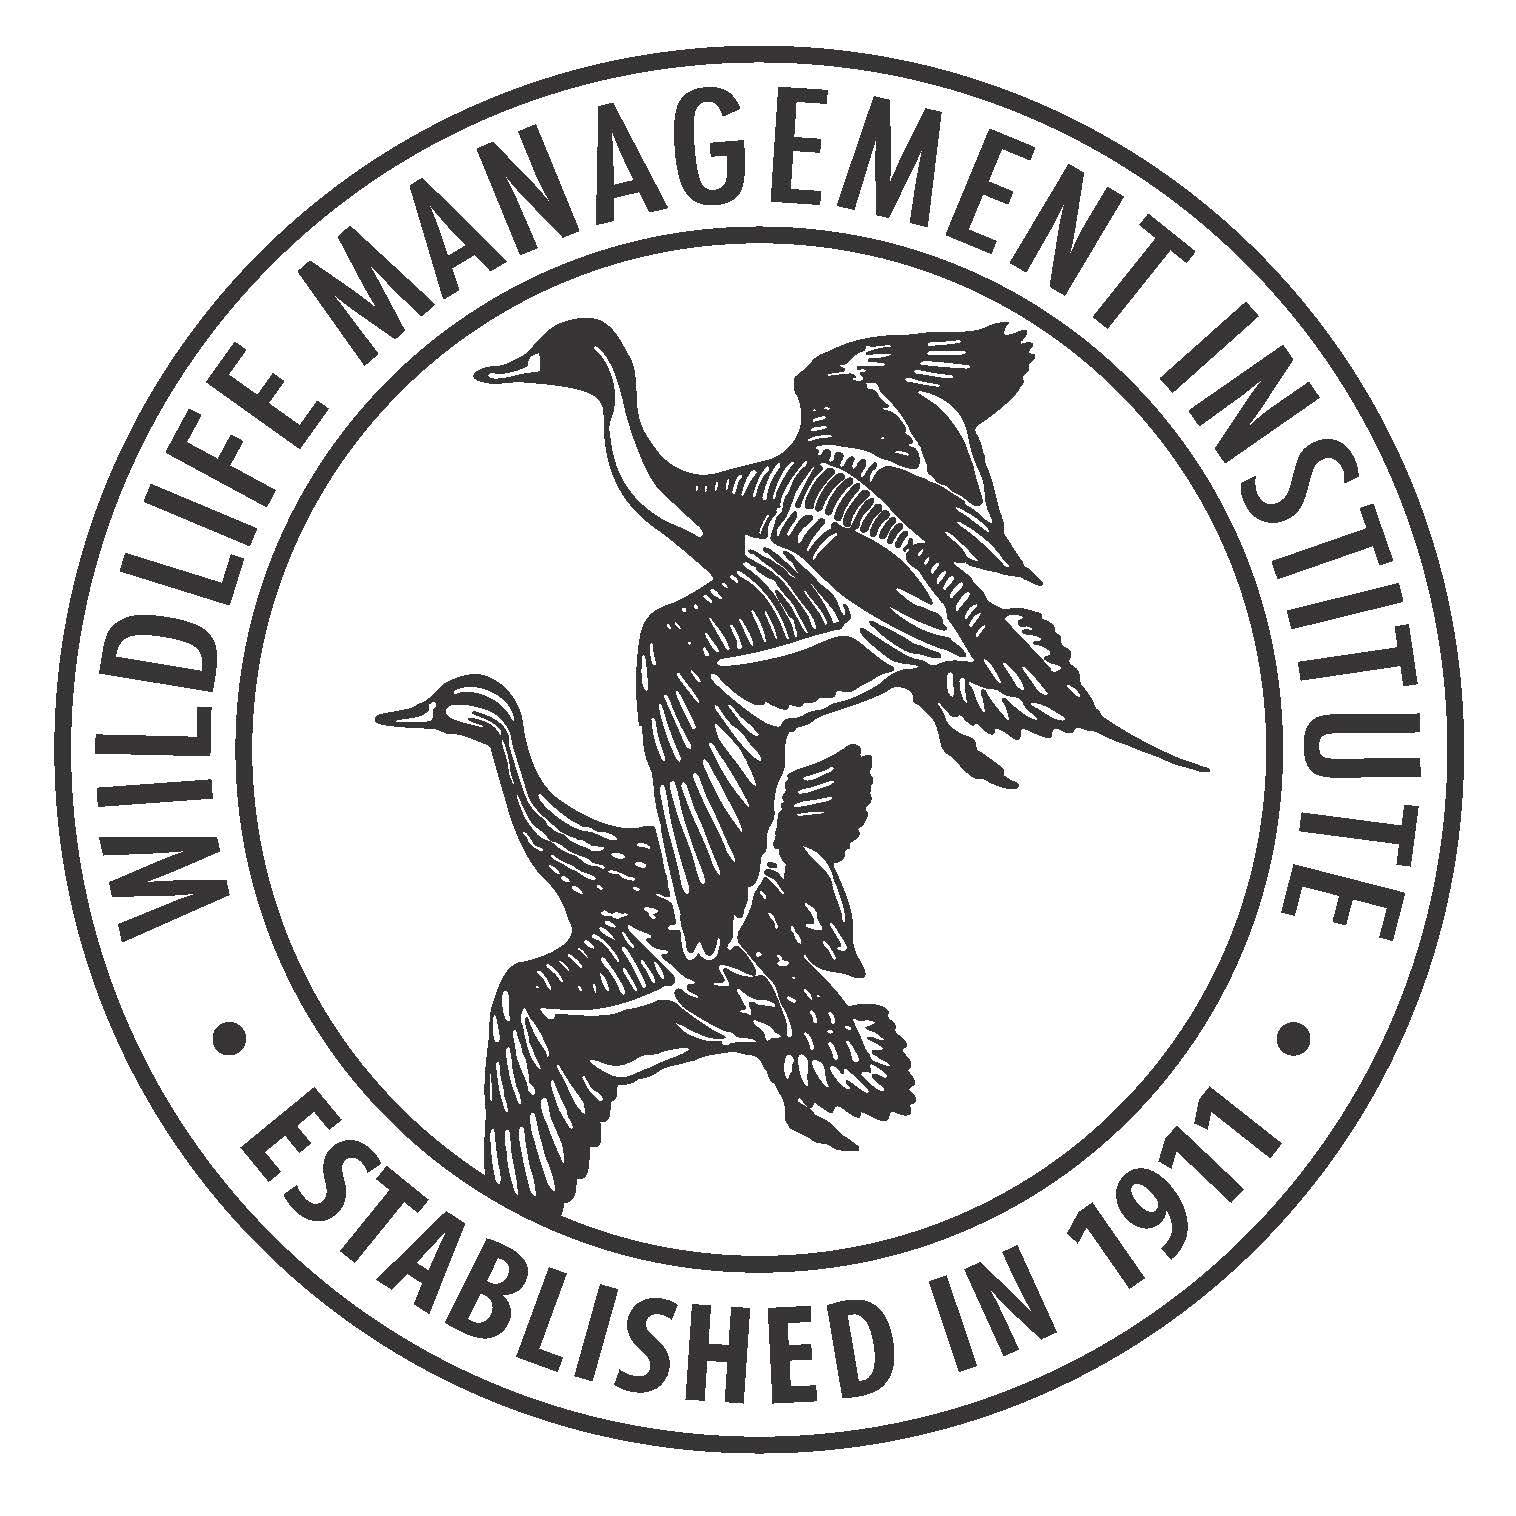 Image Result For Program Management